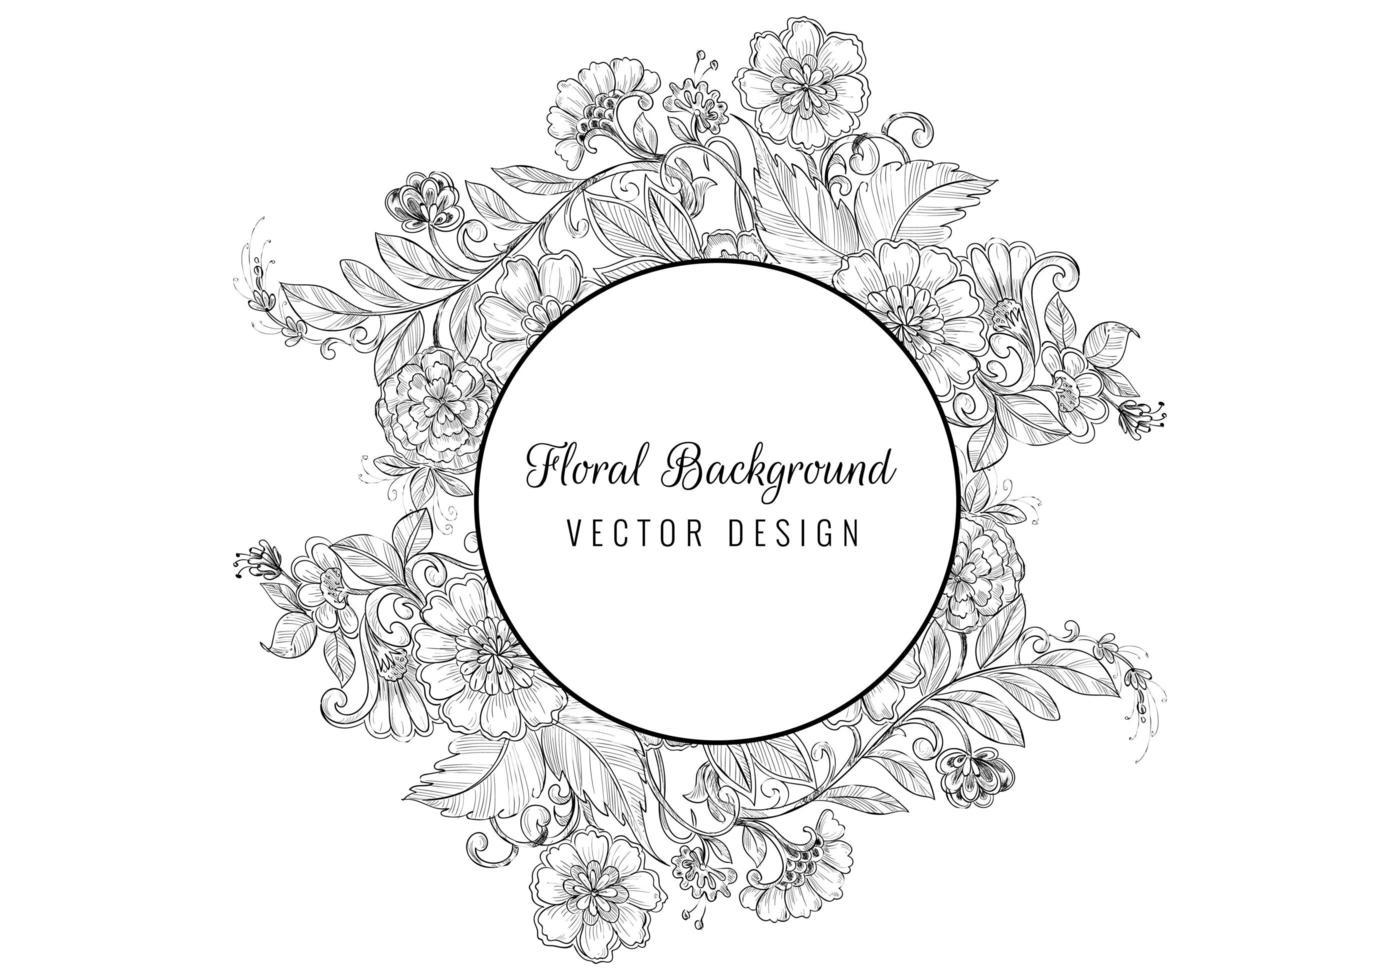 cadre de cercle floral croquis décoratif vintage vecteur